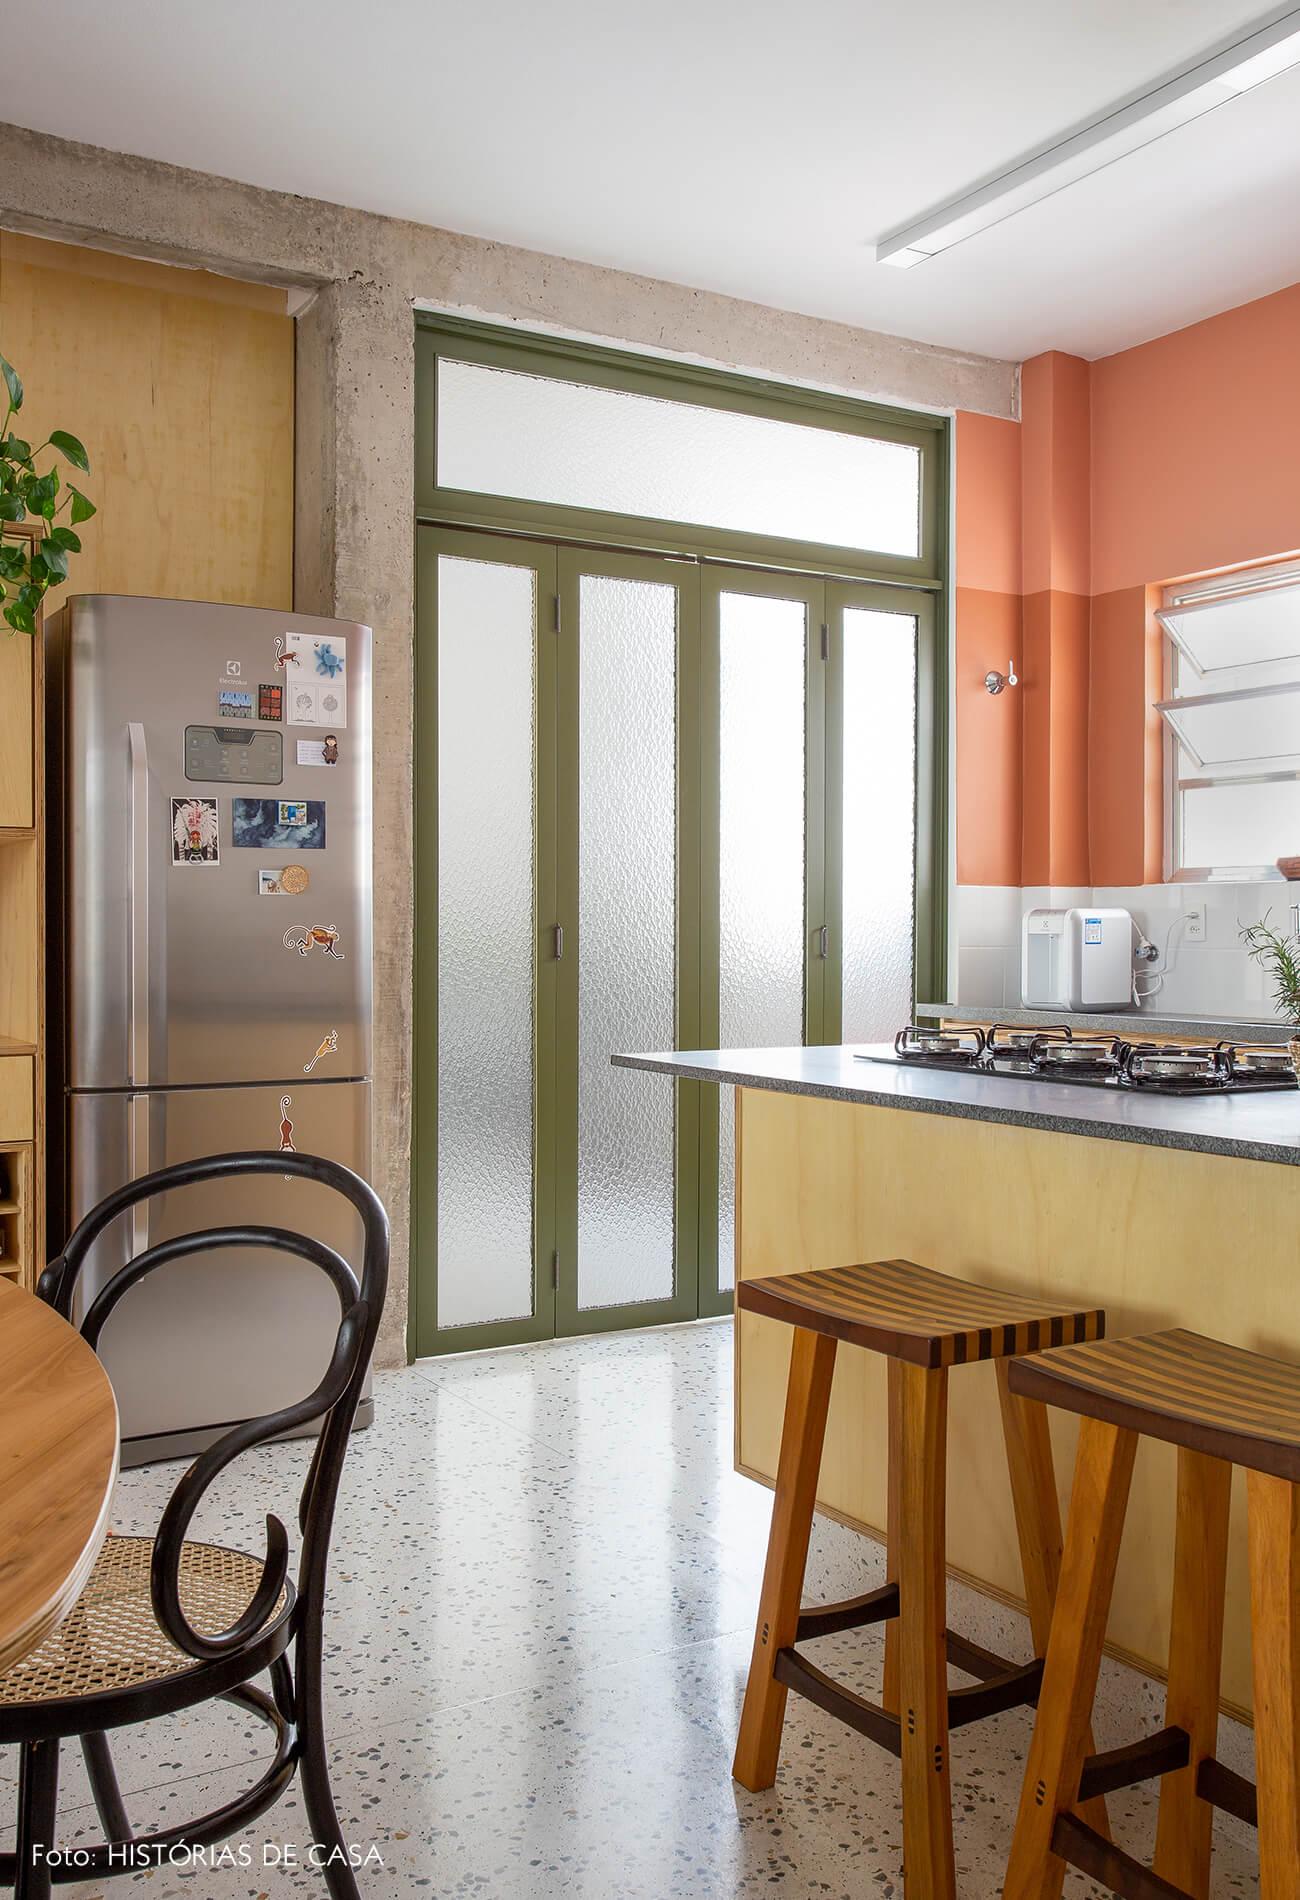 decoração cozinha com parede terrosa, porta serralheria, e cadeira thonet